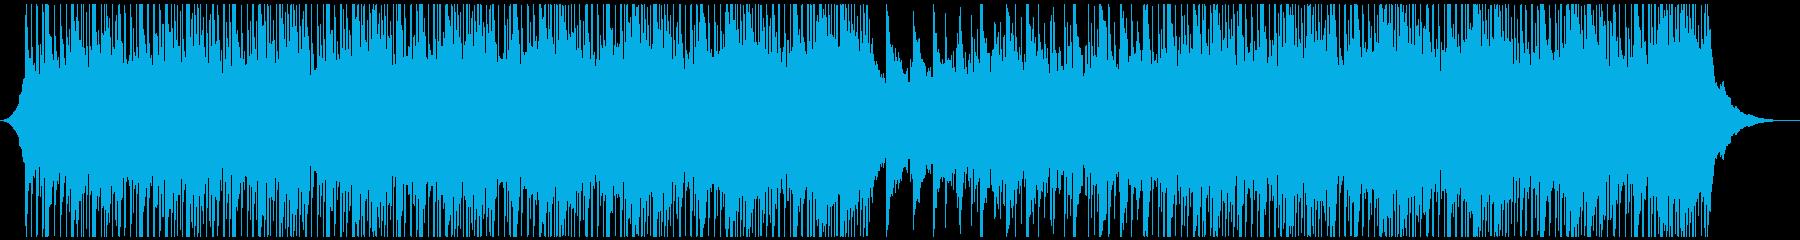 爽やかな疾走感で企業向アップテンポ生音系 の再生済みの波形